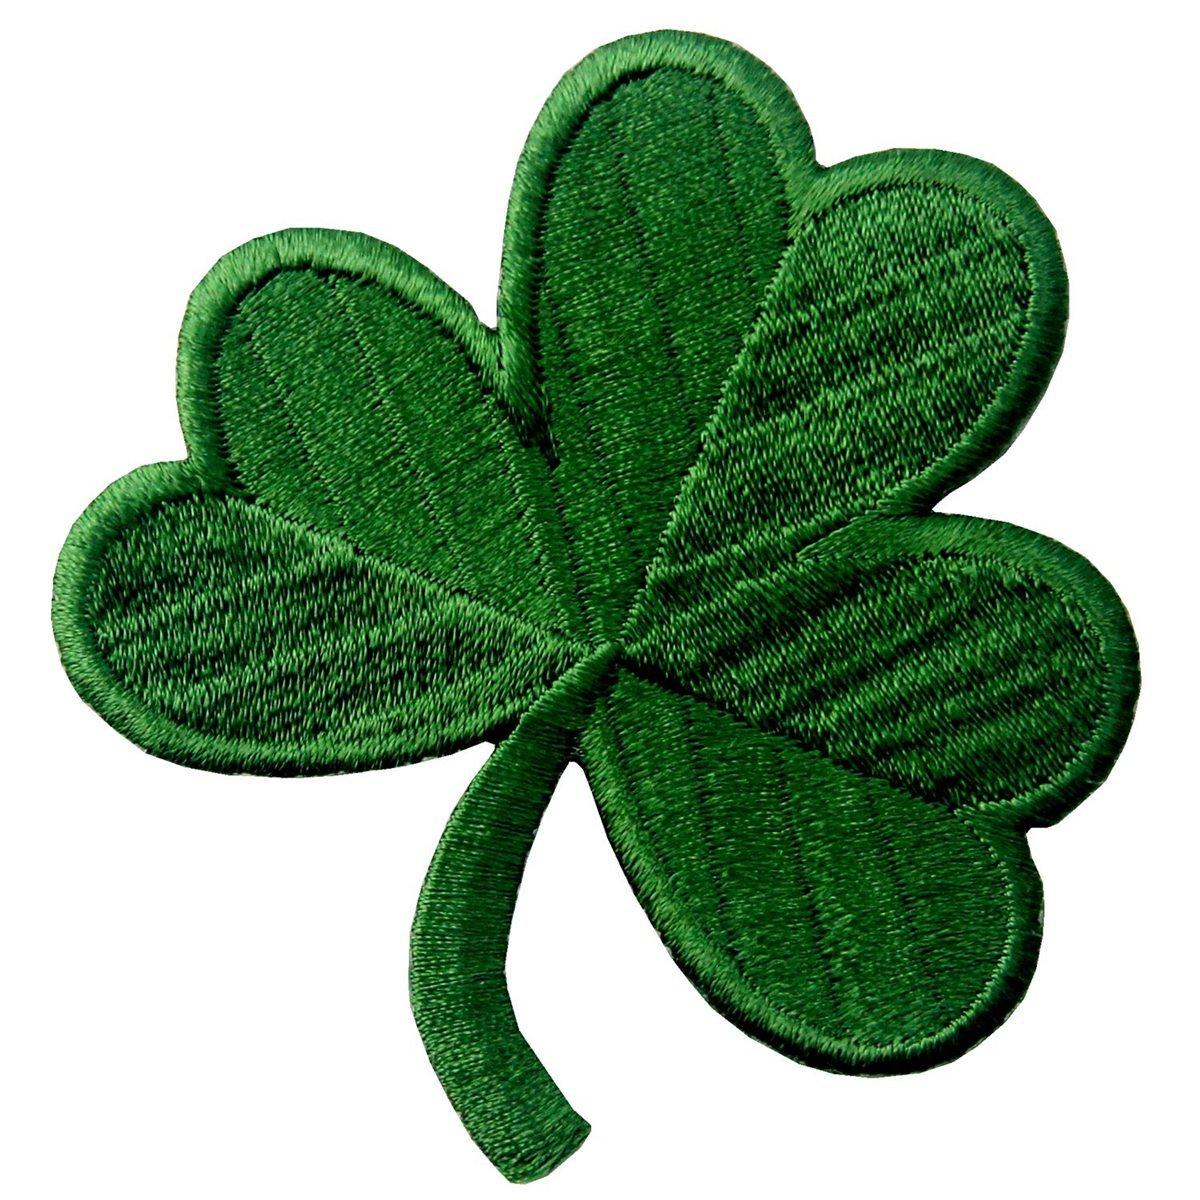 Clover irlandese Verde scuro Lucky Shamrock Emblema Nazionale Termoadesiva Cucibile Ricamata Toppa EmbTao